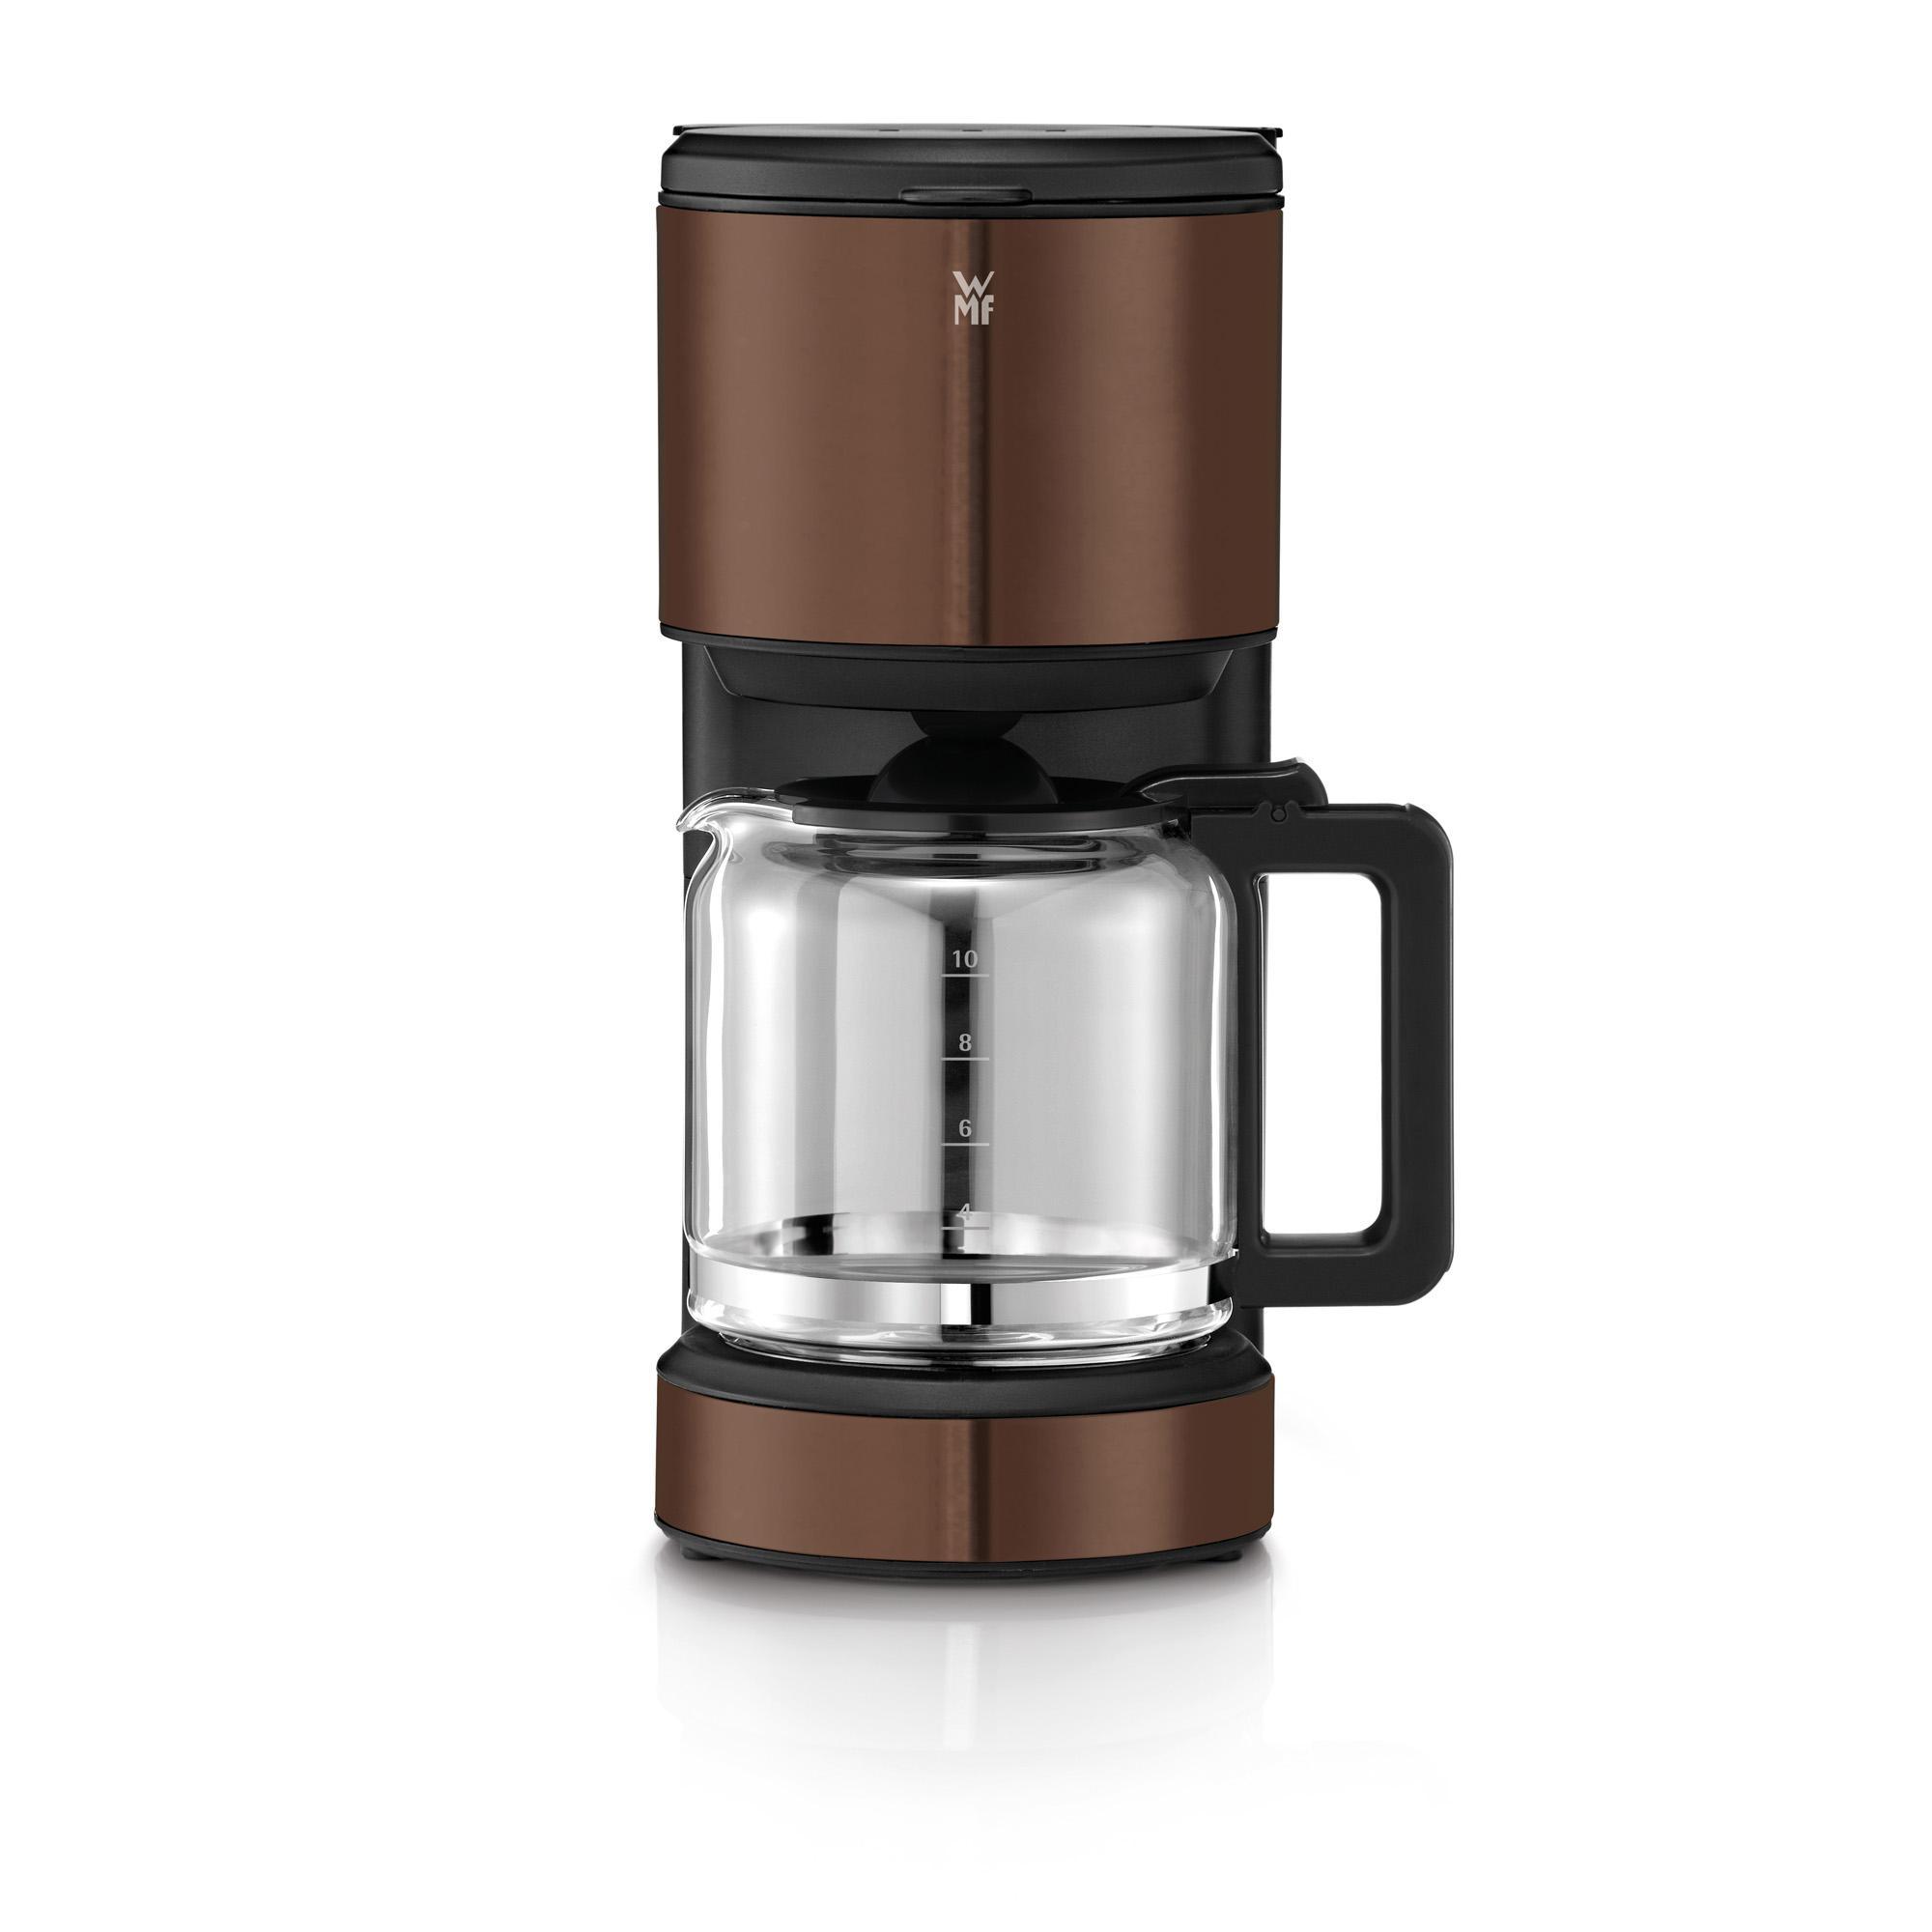 Amazon.de: WMF TERRA Aroma Kaffeemaschine Glas, 10 Tassen